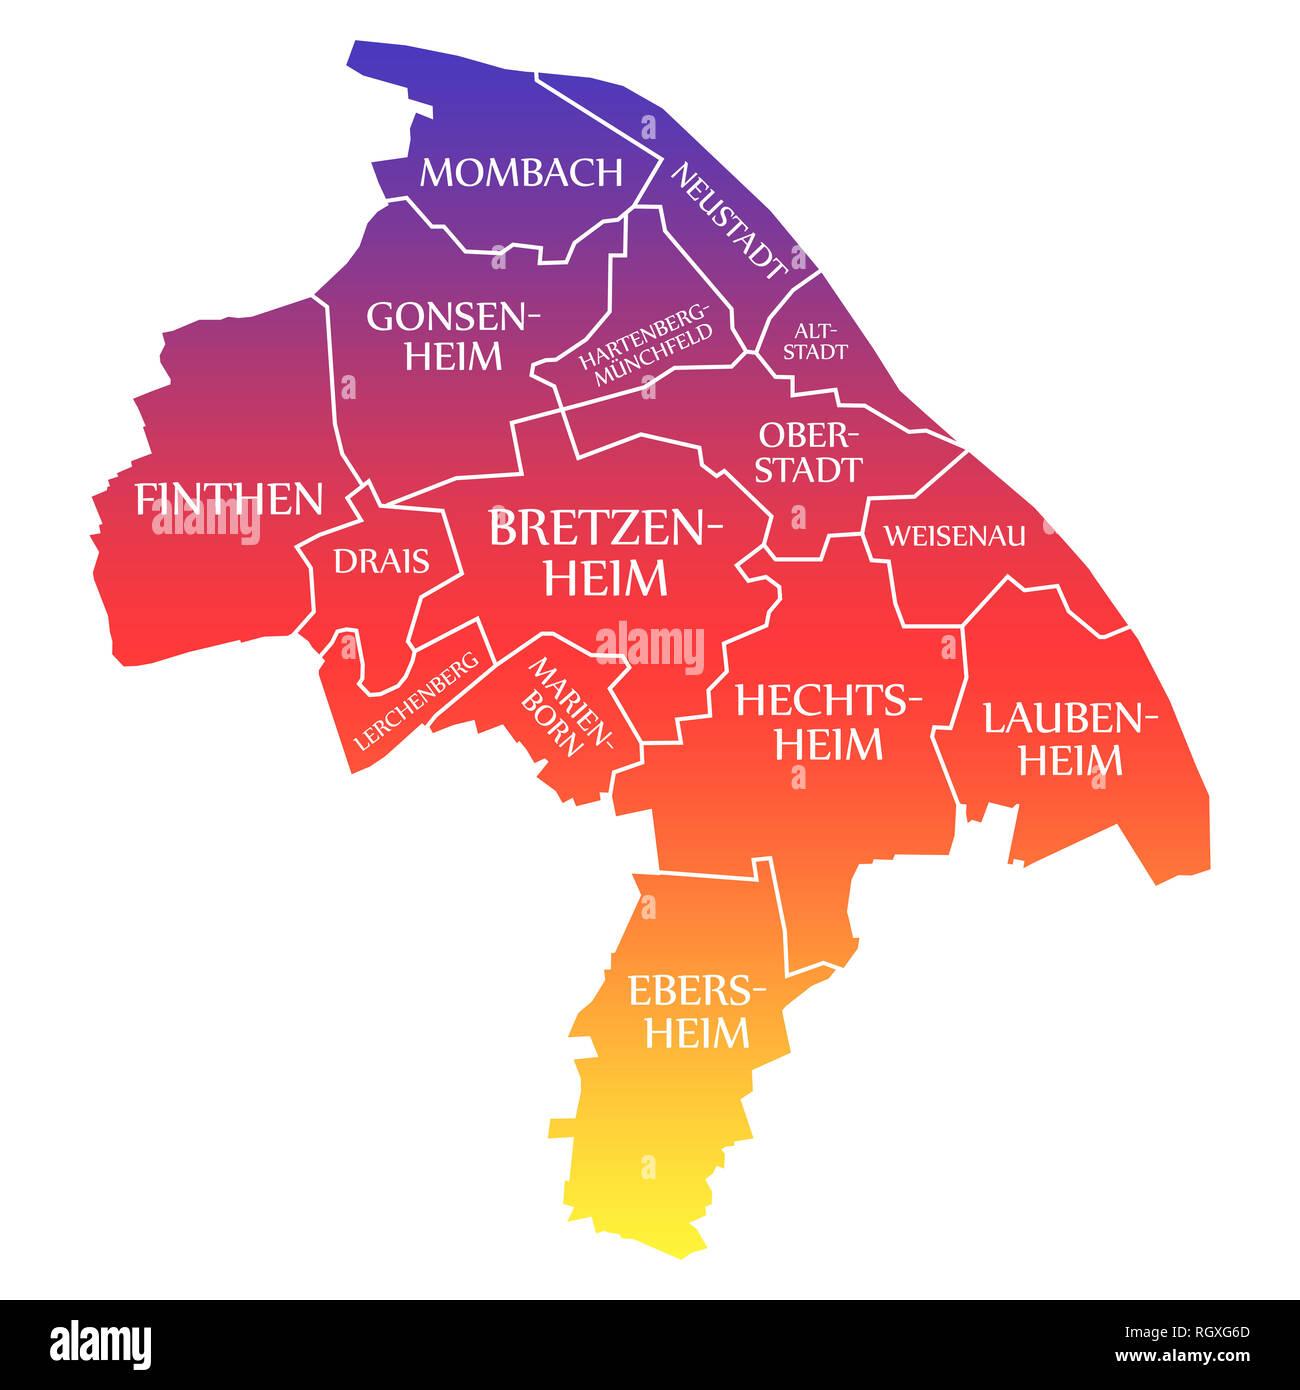 mainz karte deutschland Mainz City Karte Deutschland DE beschriftet Rainbow farbige